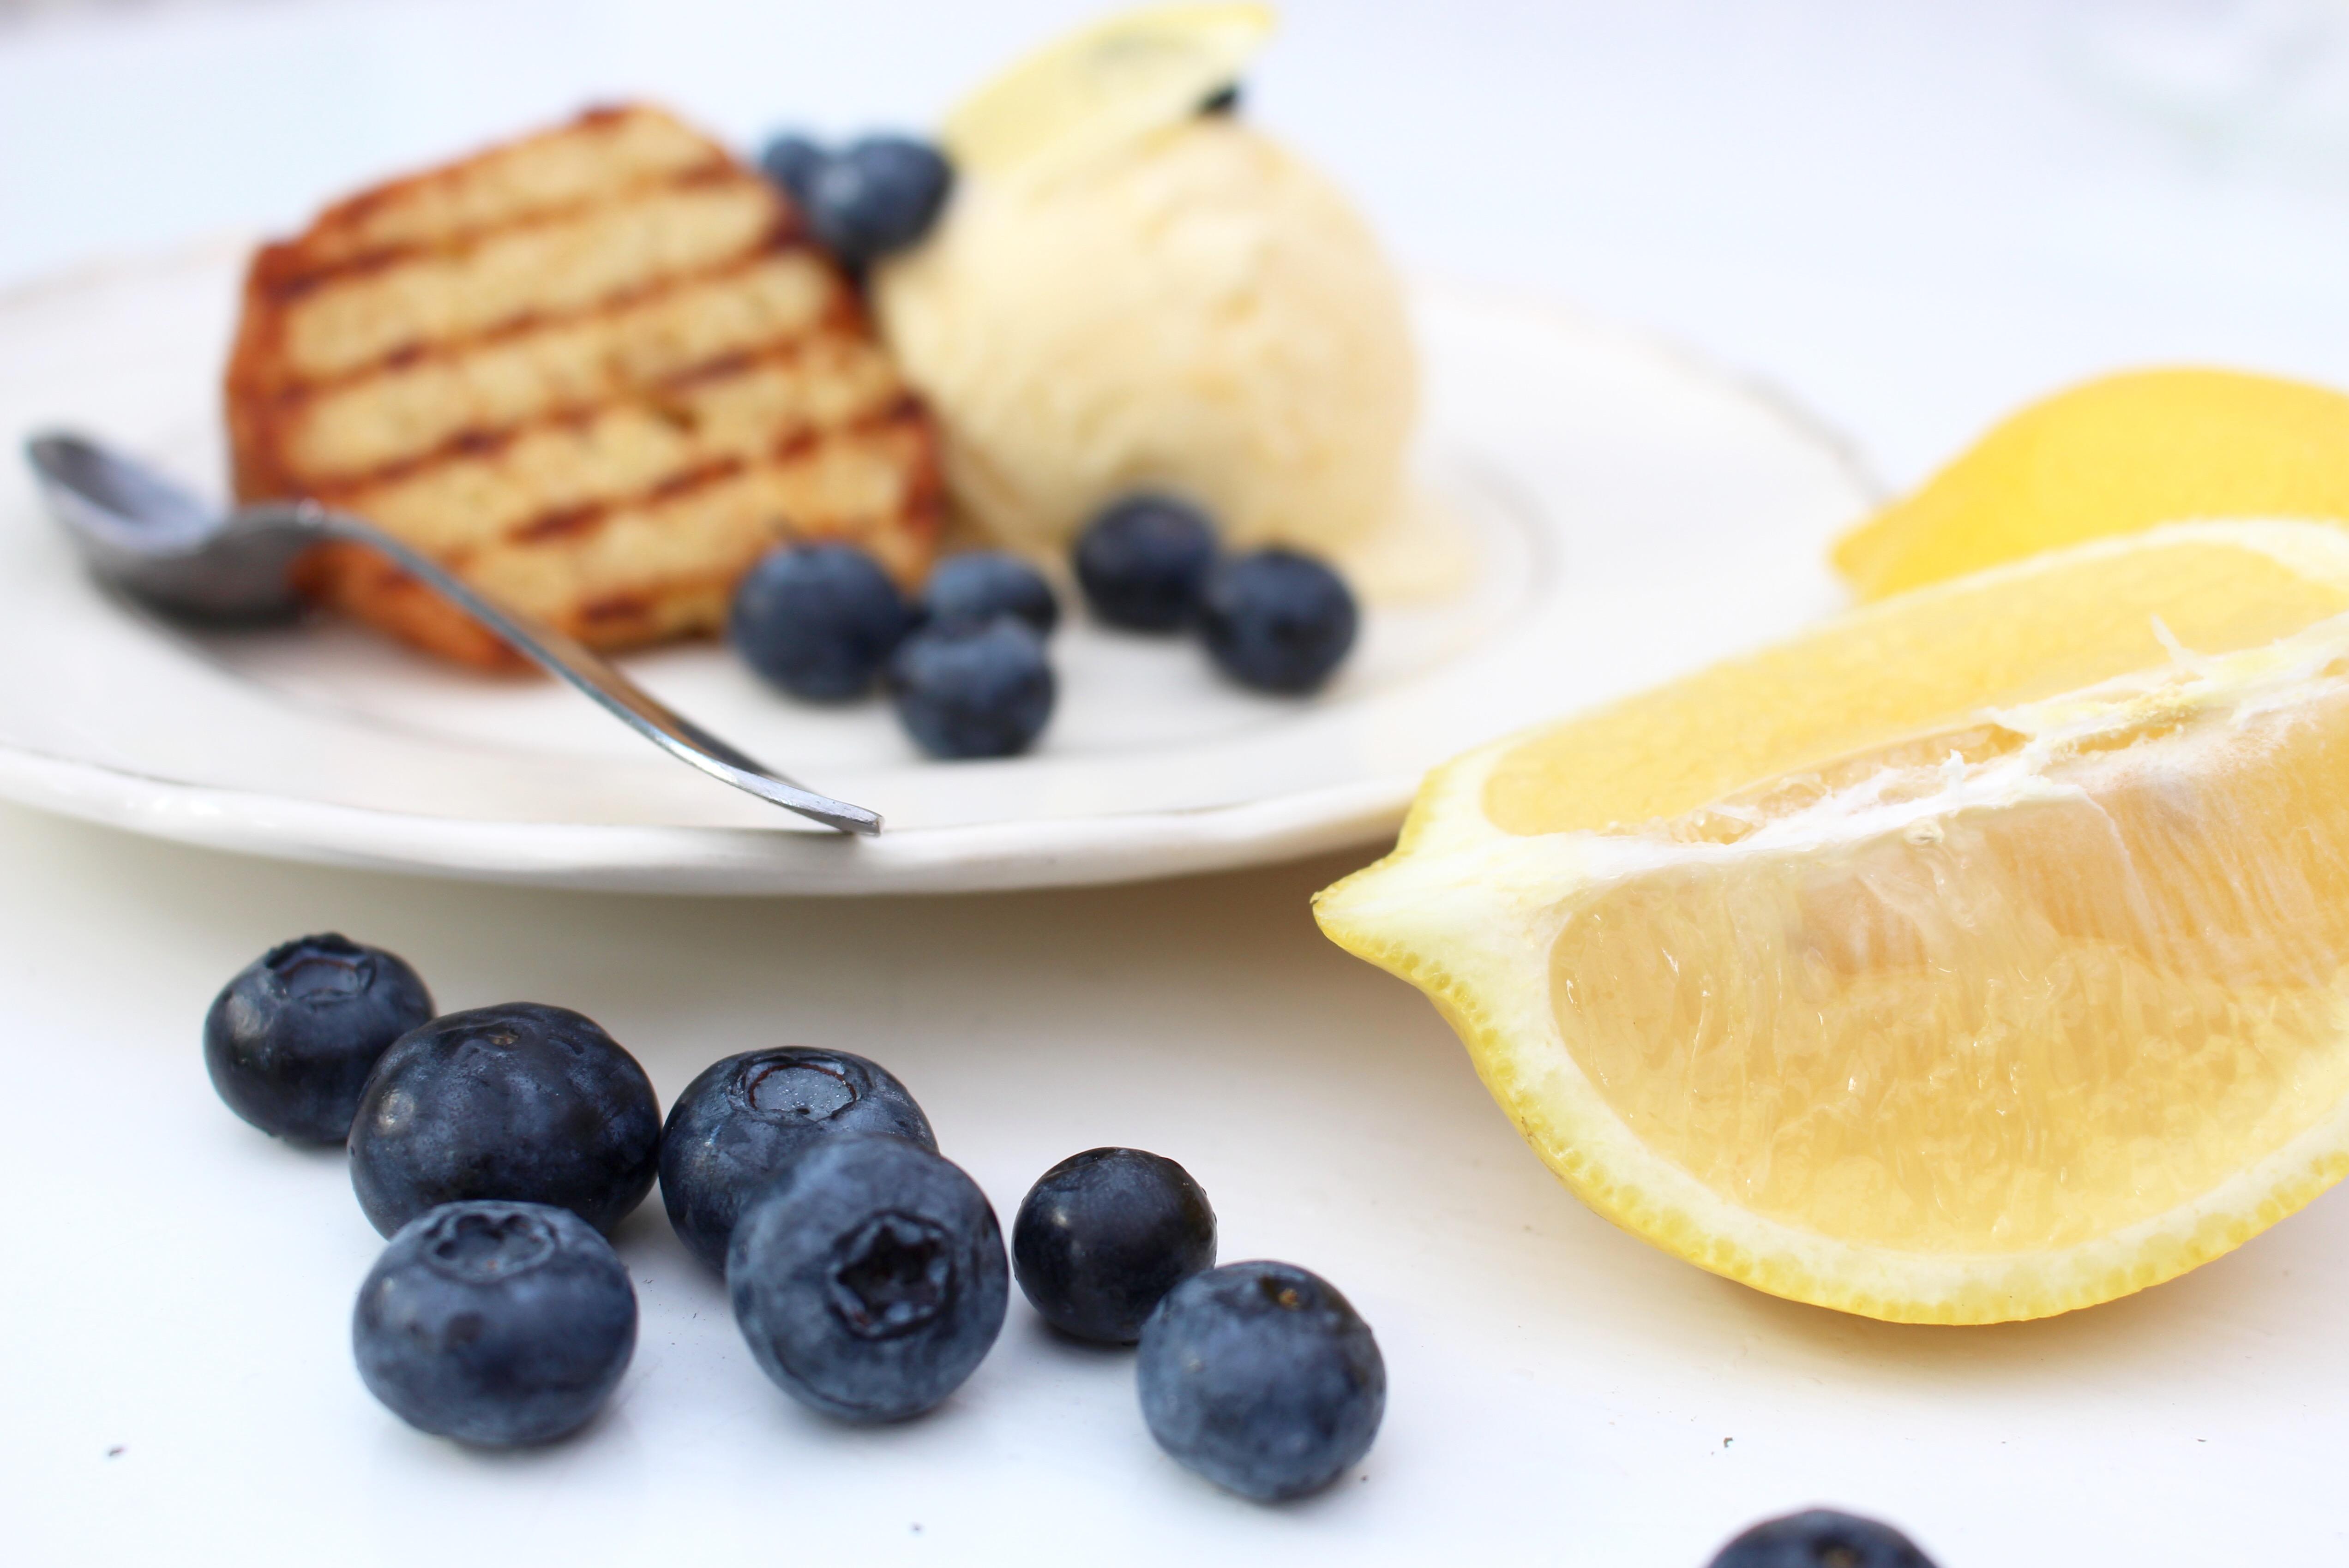 Blåbär och citron